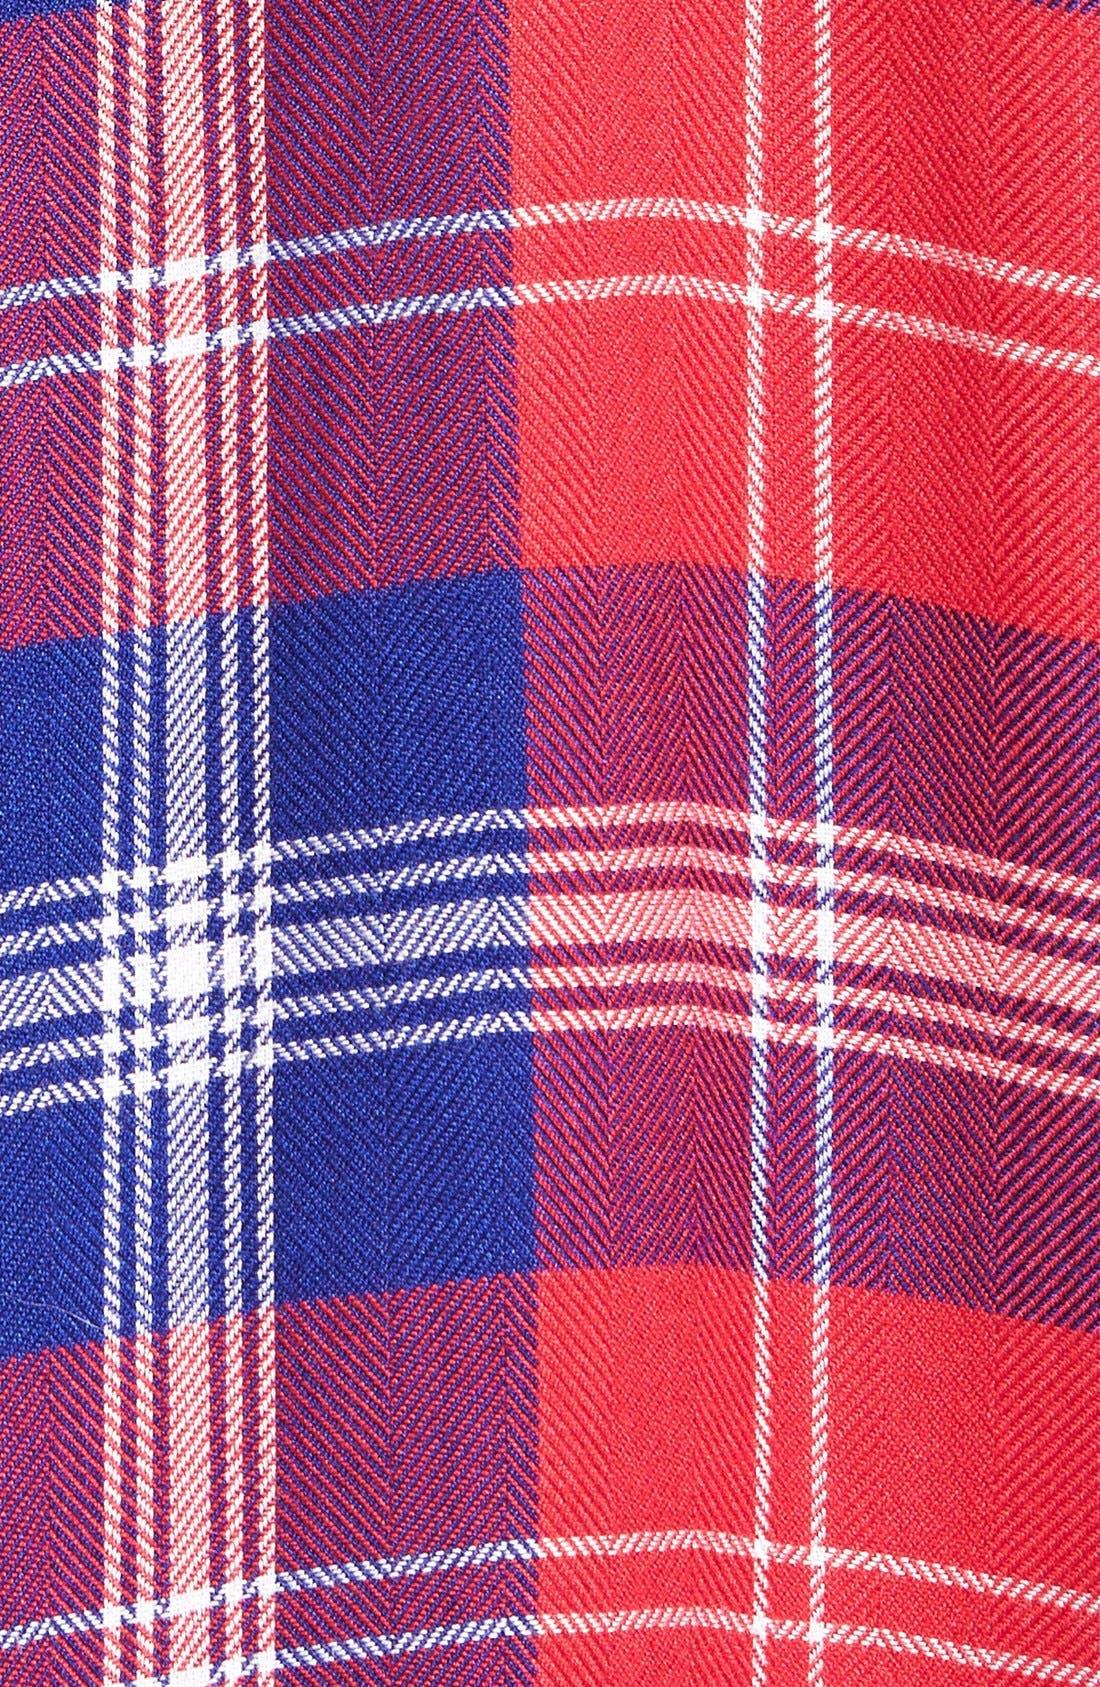 Alternate Image 3  - Rails 'Britt' Plaid Shirt